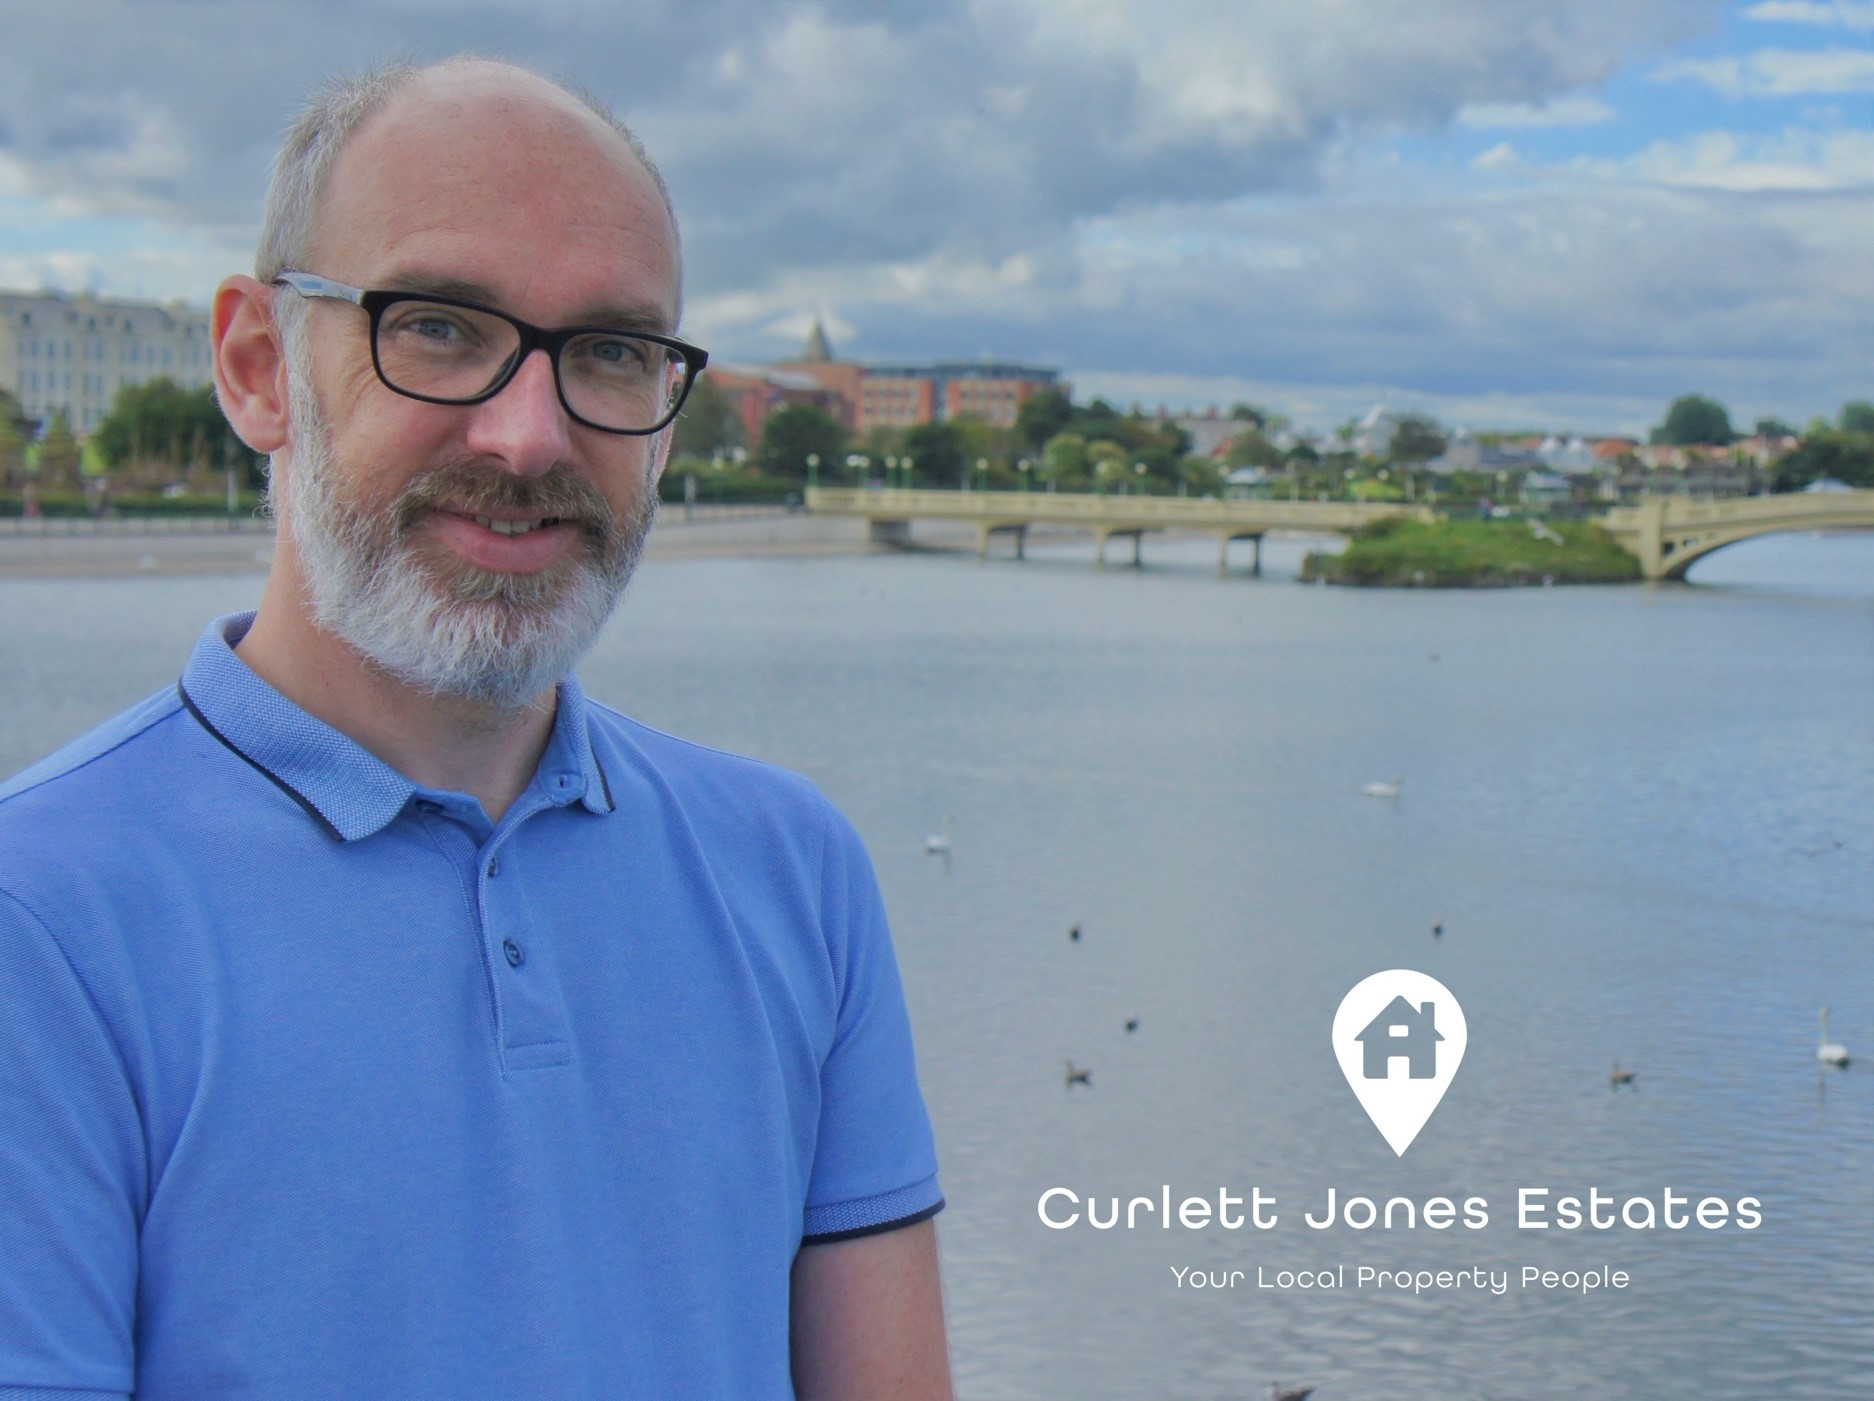 Agent immobilier de premier plan à Southport, Curlett Jones aide à s'assurer que votre propriété reçoit suffisamment de visites